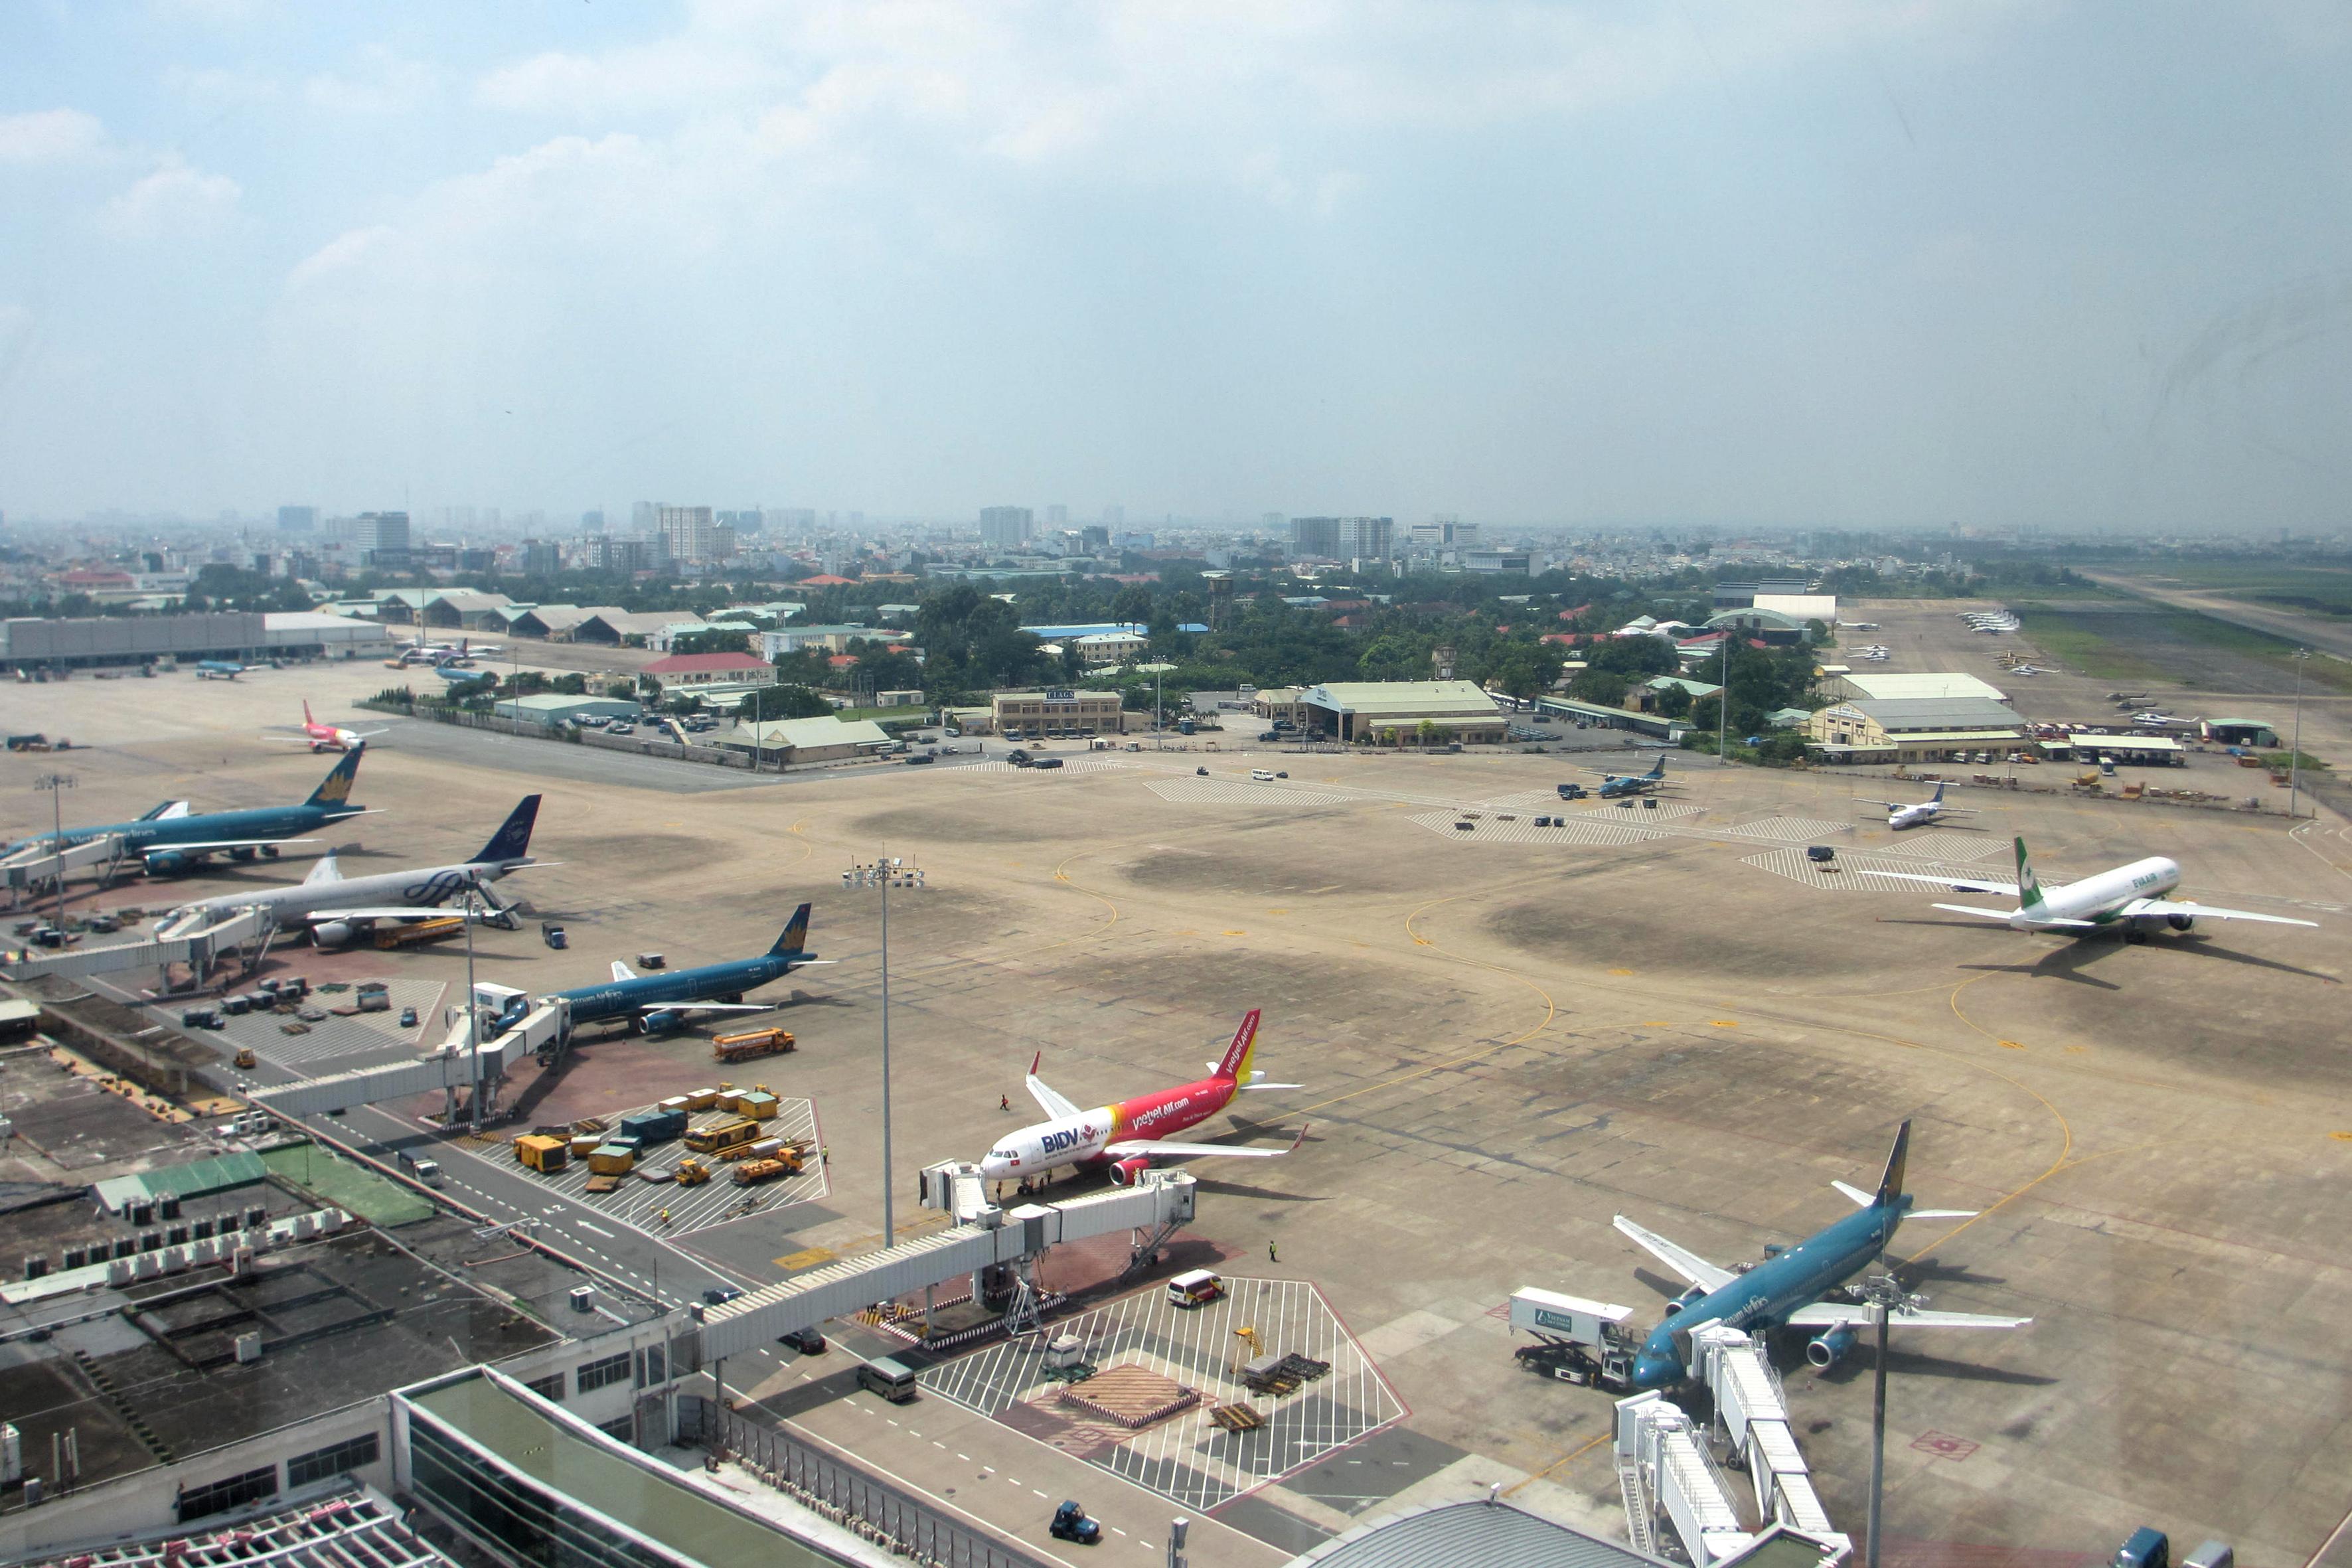 Thông tin báo chí: Thực hiện giảm giá trị phân cách tối thiểu từ 05 NM xuống 03NM tại vùng trời tiếp cận sân bay Tân Sơn Nhất